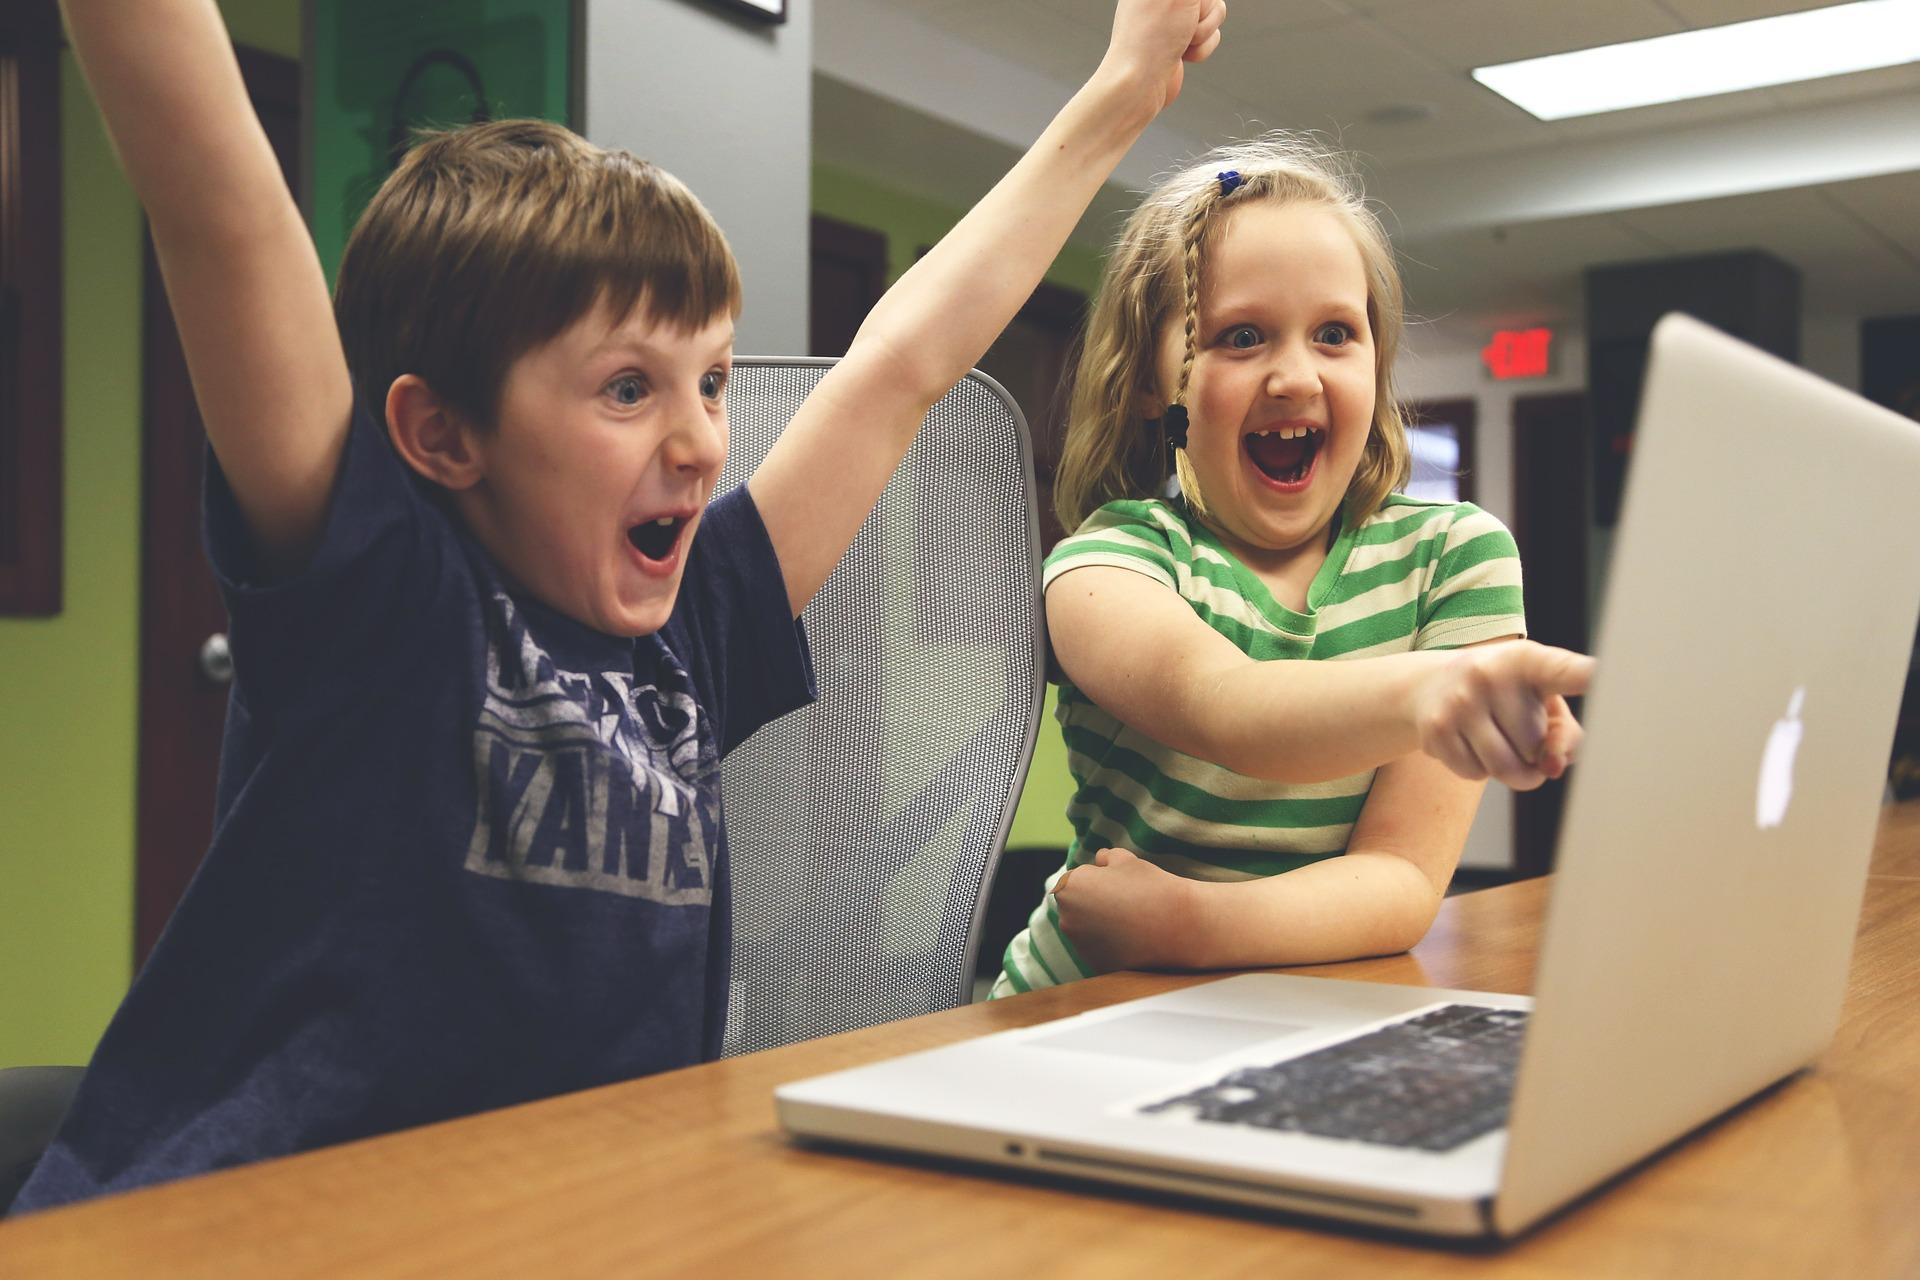 Creativitate și bucuria de a o manifesta la locul de muncă